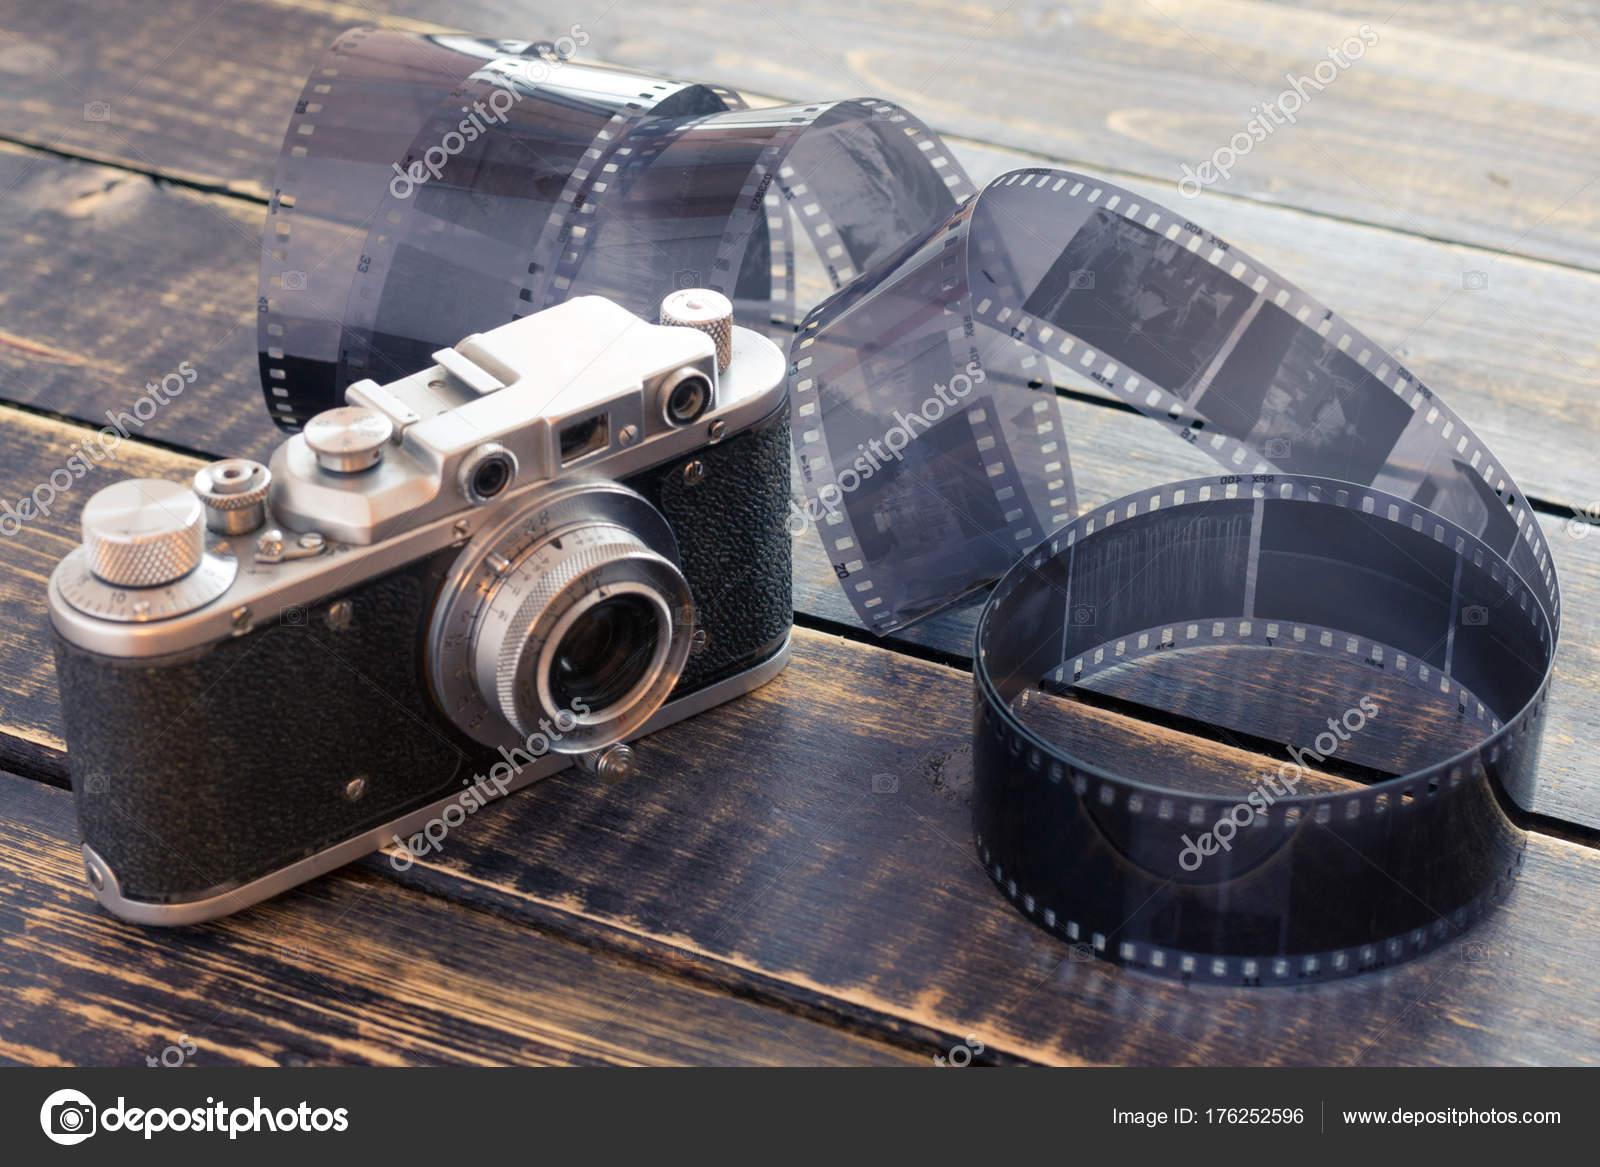 Entfernungsmesser Rad : Alten entfernungsmesser vintage und retro fotokamera mit